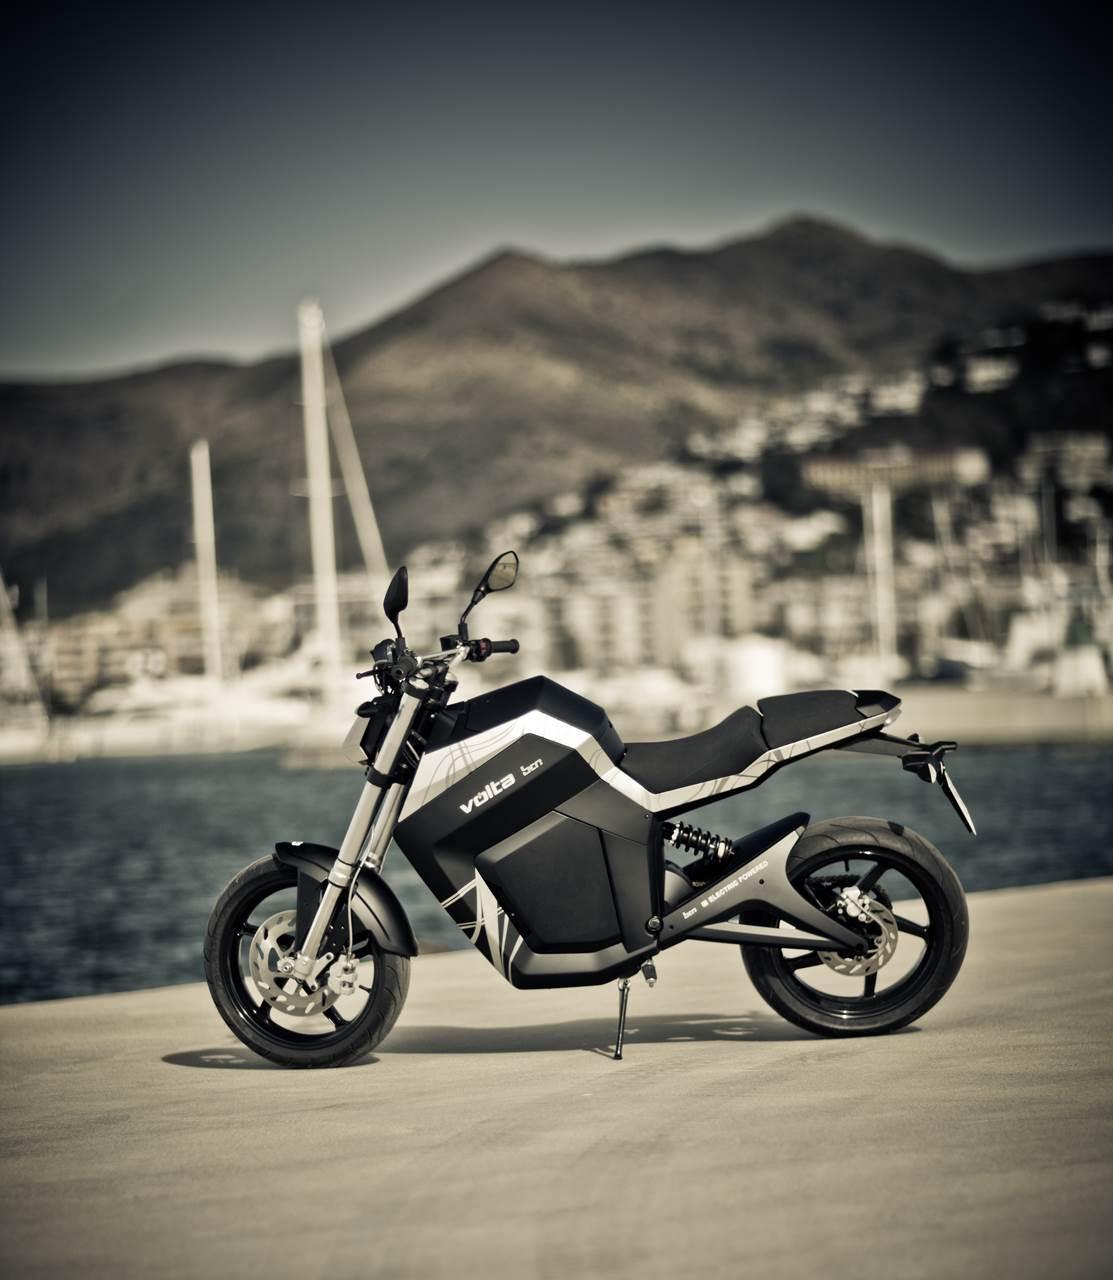 Foto de Salón de Milán 2012: Volta Motorbikes entra en la fase beta de su motocicleta - Volta BCN City (1/10)